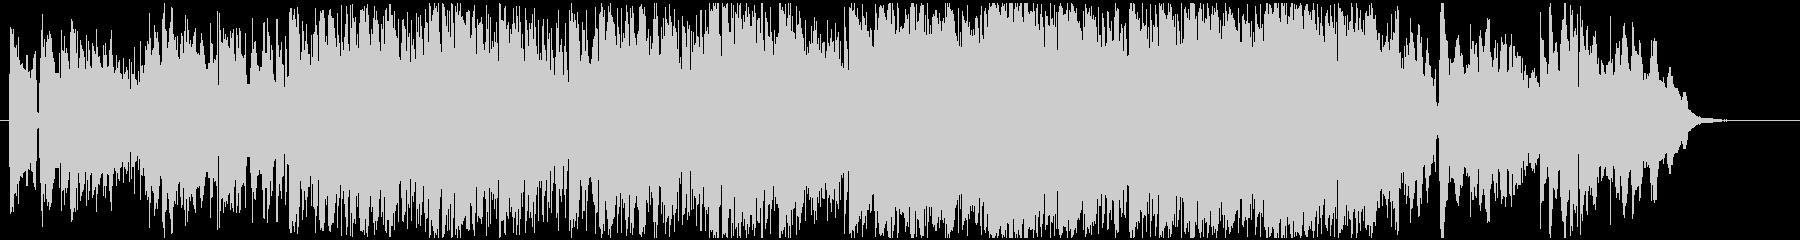 エレピ、ボコーダーの緩急あるヒップホップの未再生の波形